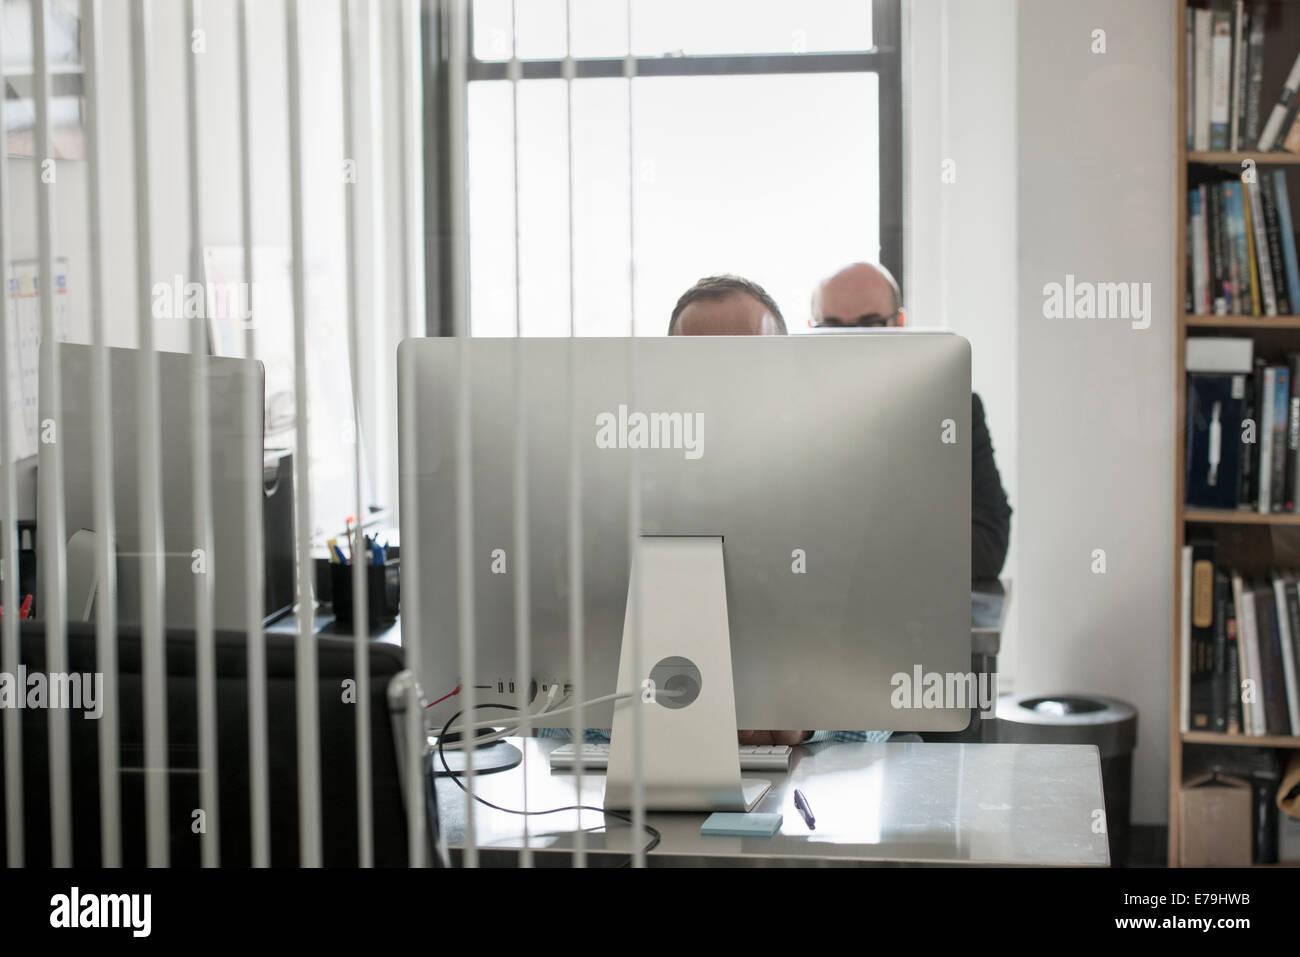 Vida de oficina. Dos personas sentadas en una mesa detrás de un terminal de ordenador. Imagen De Stock